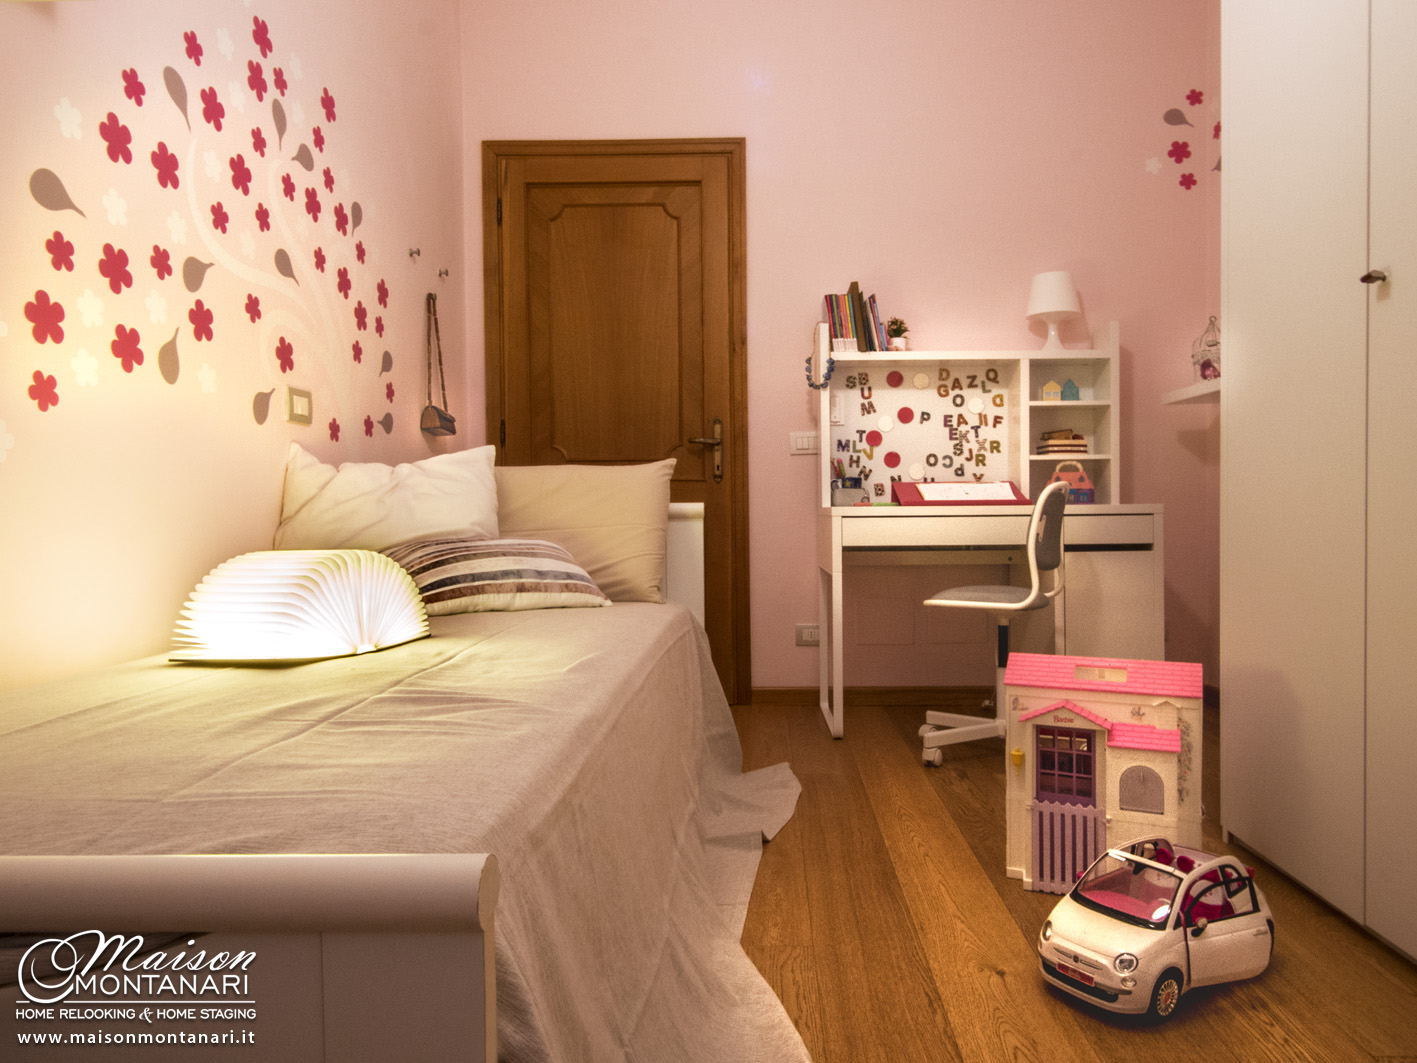 Home Relooking Rinnovare La Cameretta Per Una Bambina Che Diventa